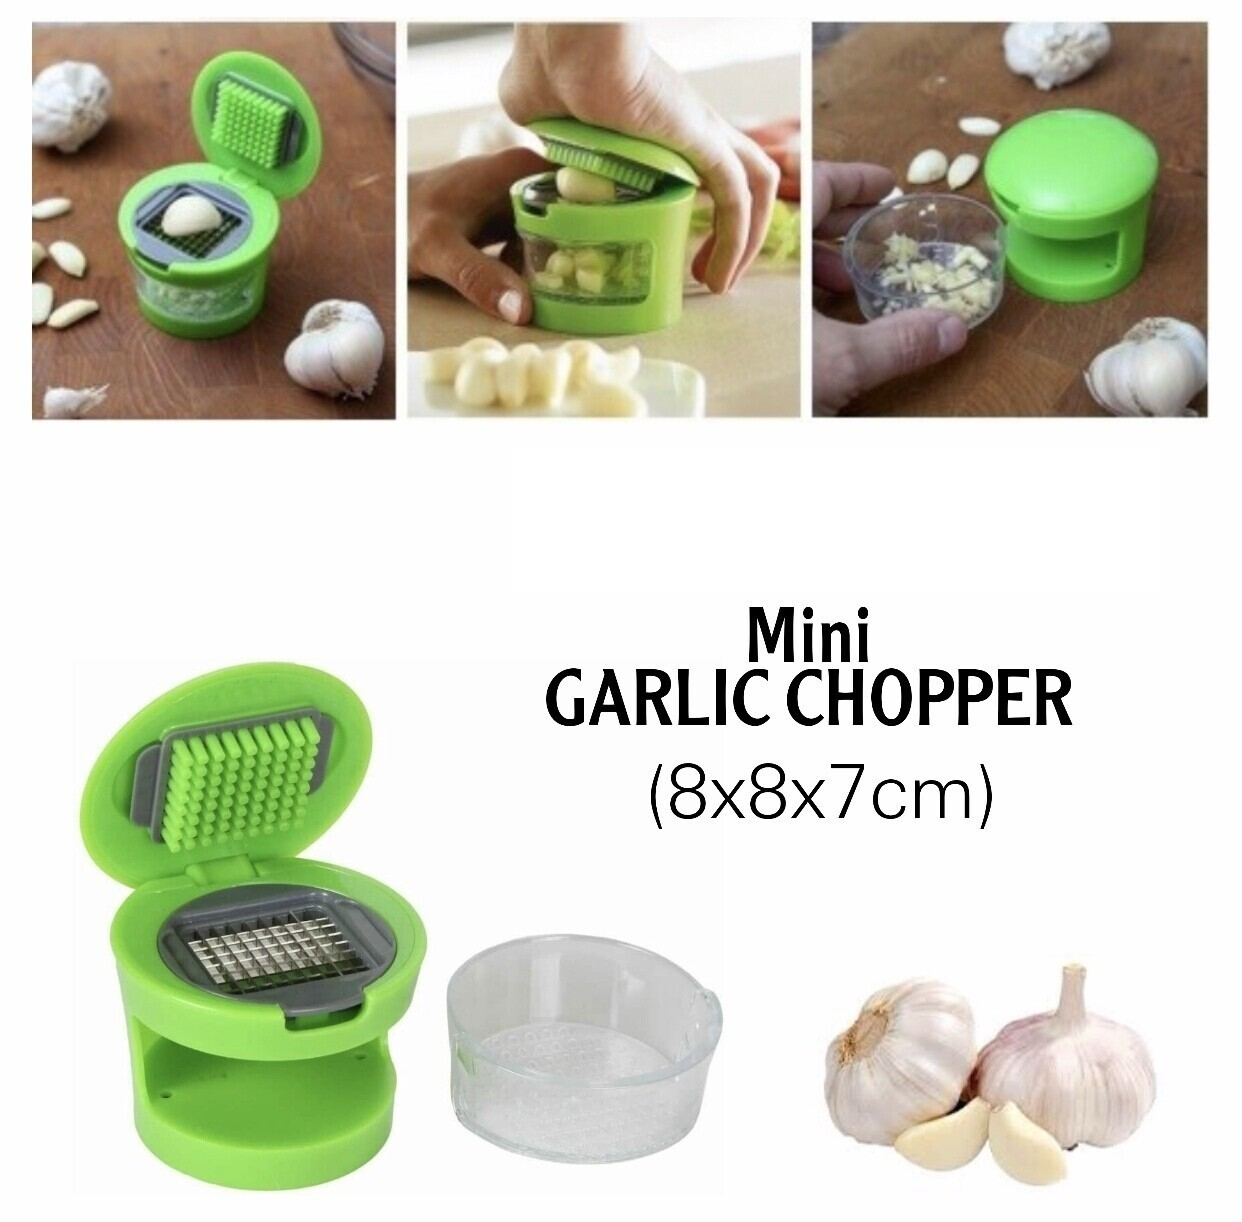 Mini Garlic Chopper